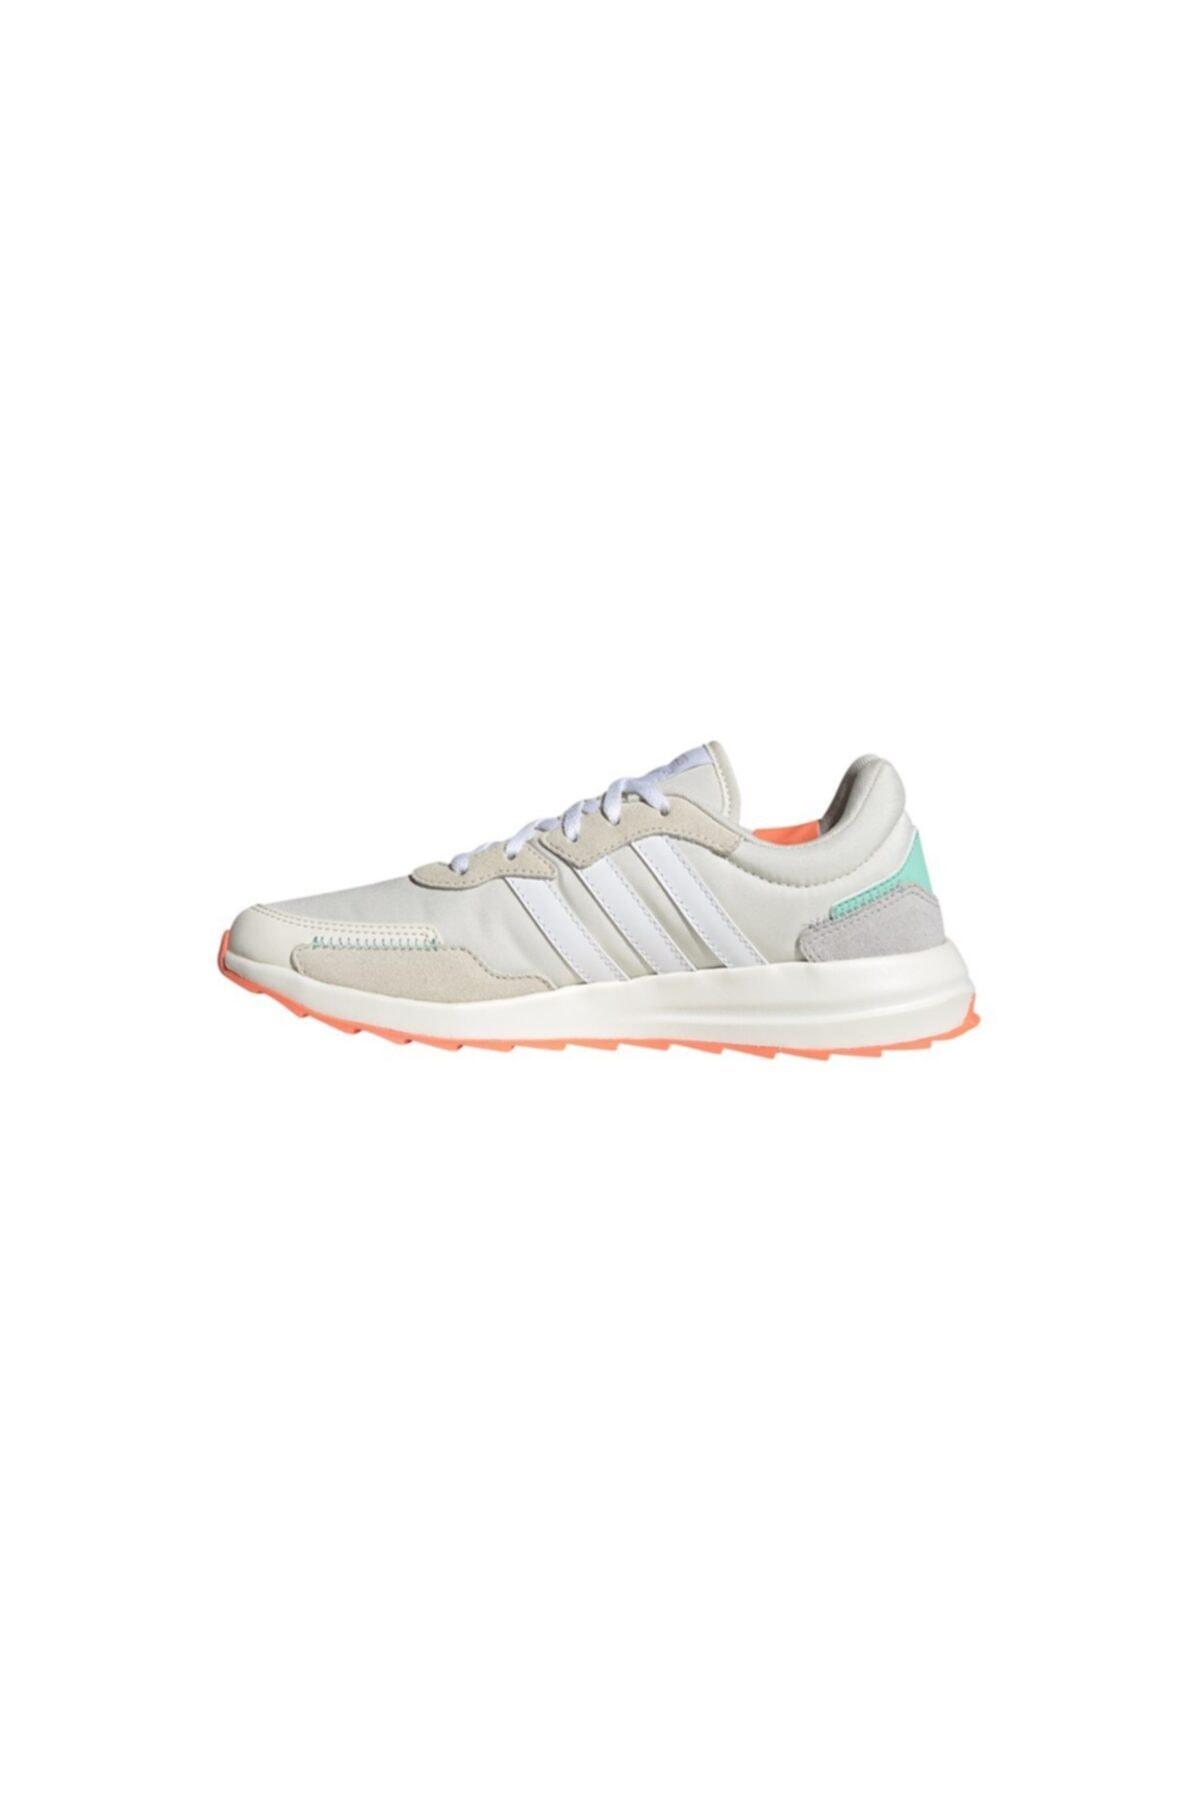 adidas Kadın Günlük Ayakkabı Retrorun 2